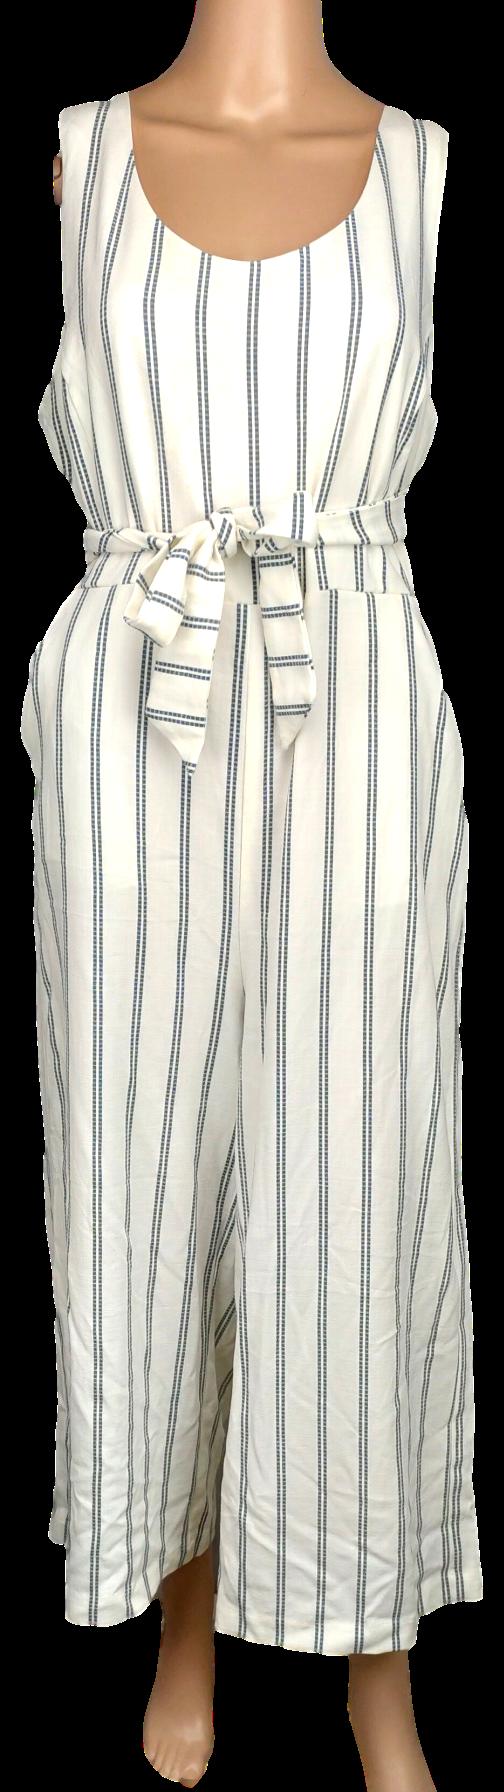 Combi-pantalon Camaïeu - Taille 44